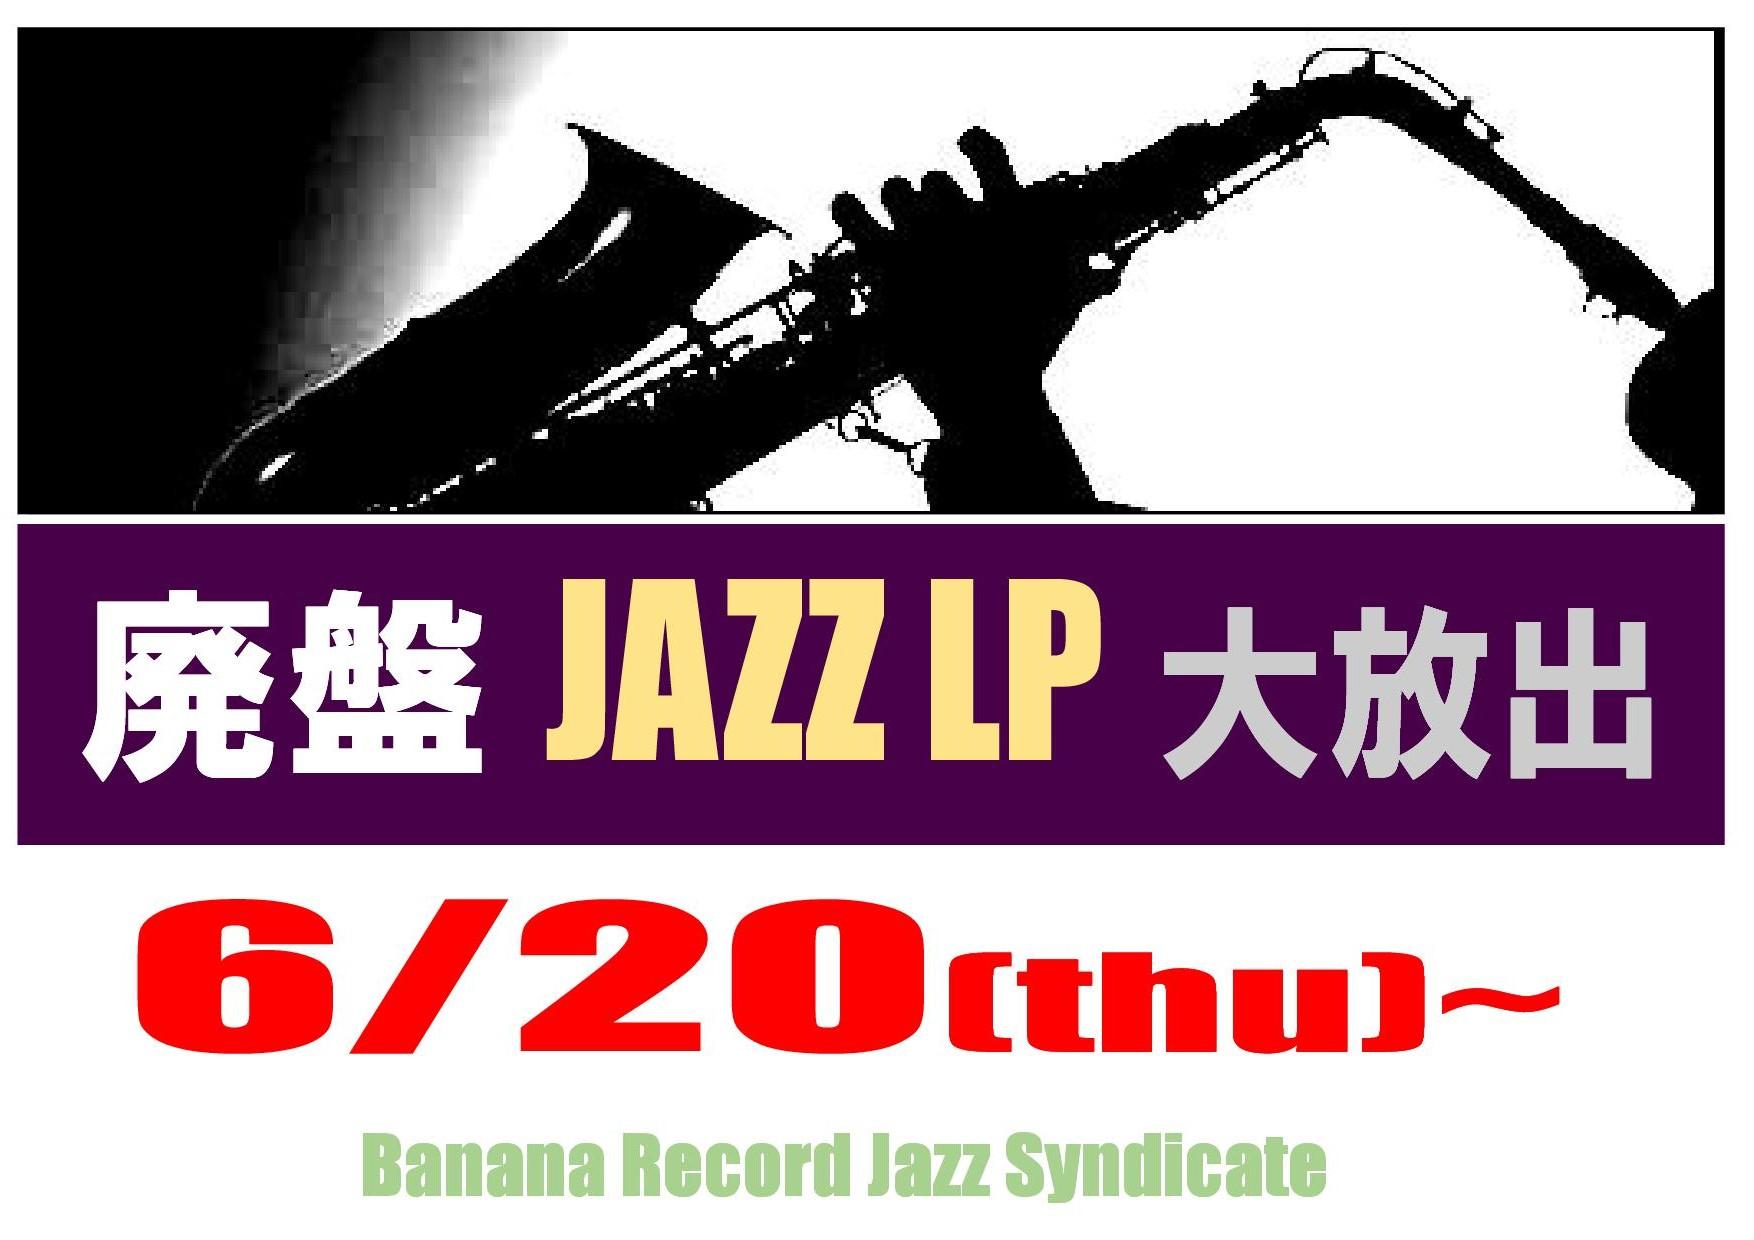 【ジャズシンジケート】20日よりJazz廃盤LP大放出開催決定 / 輸入盤LP新規商品追加中